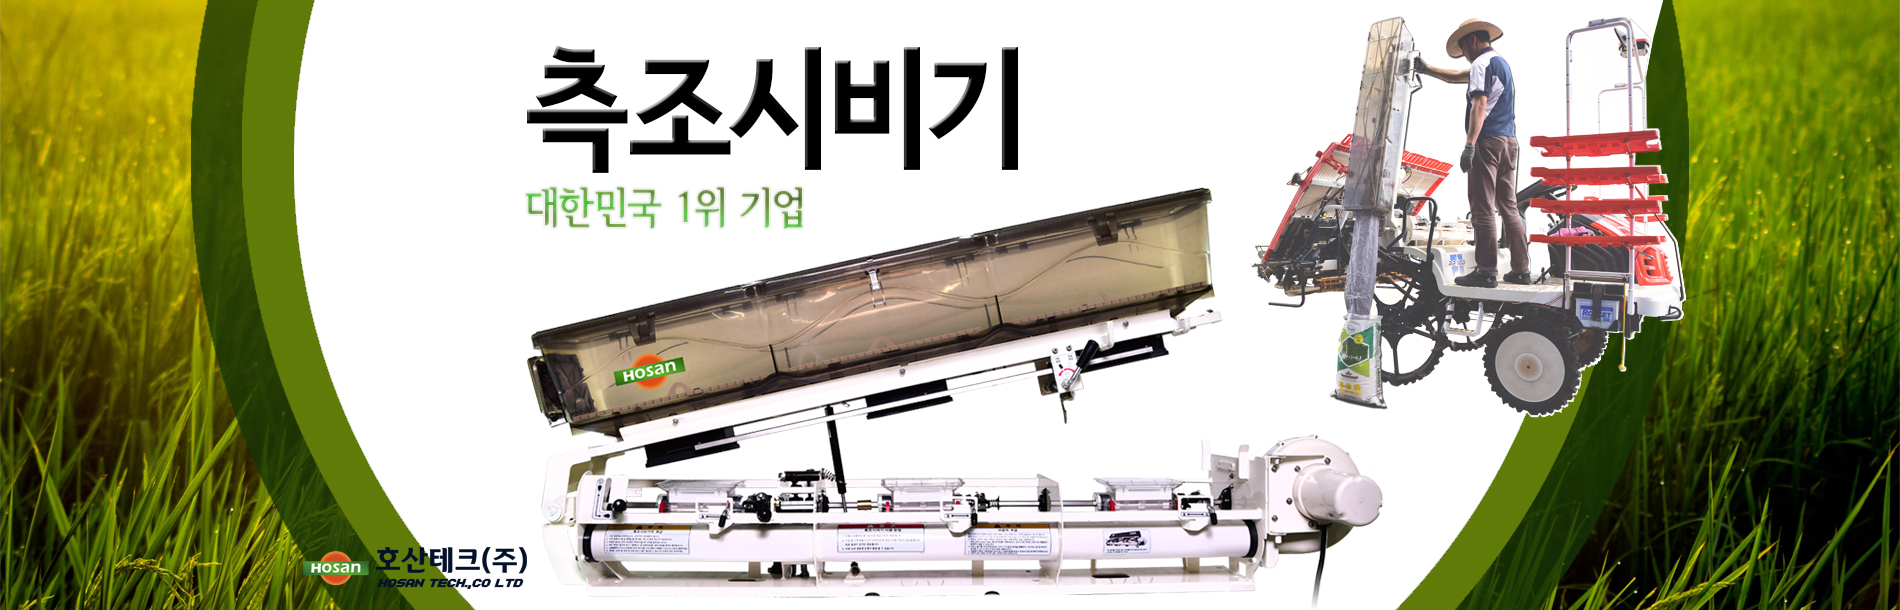 호산테크 메인 비쥬얼이미지 : 측조시비기 대한민국 1위 기업